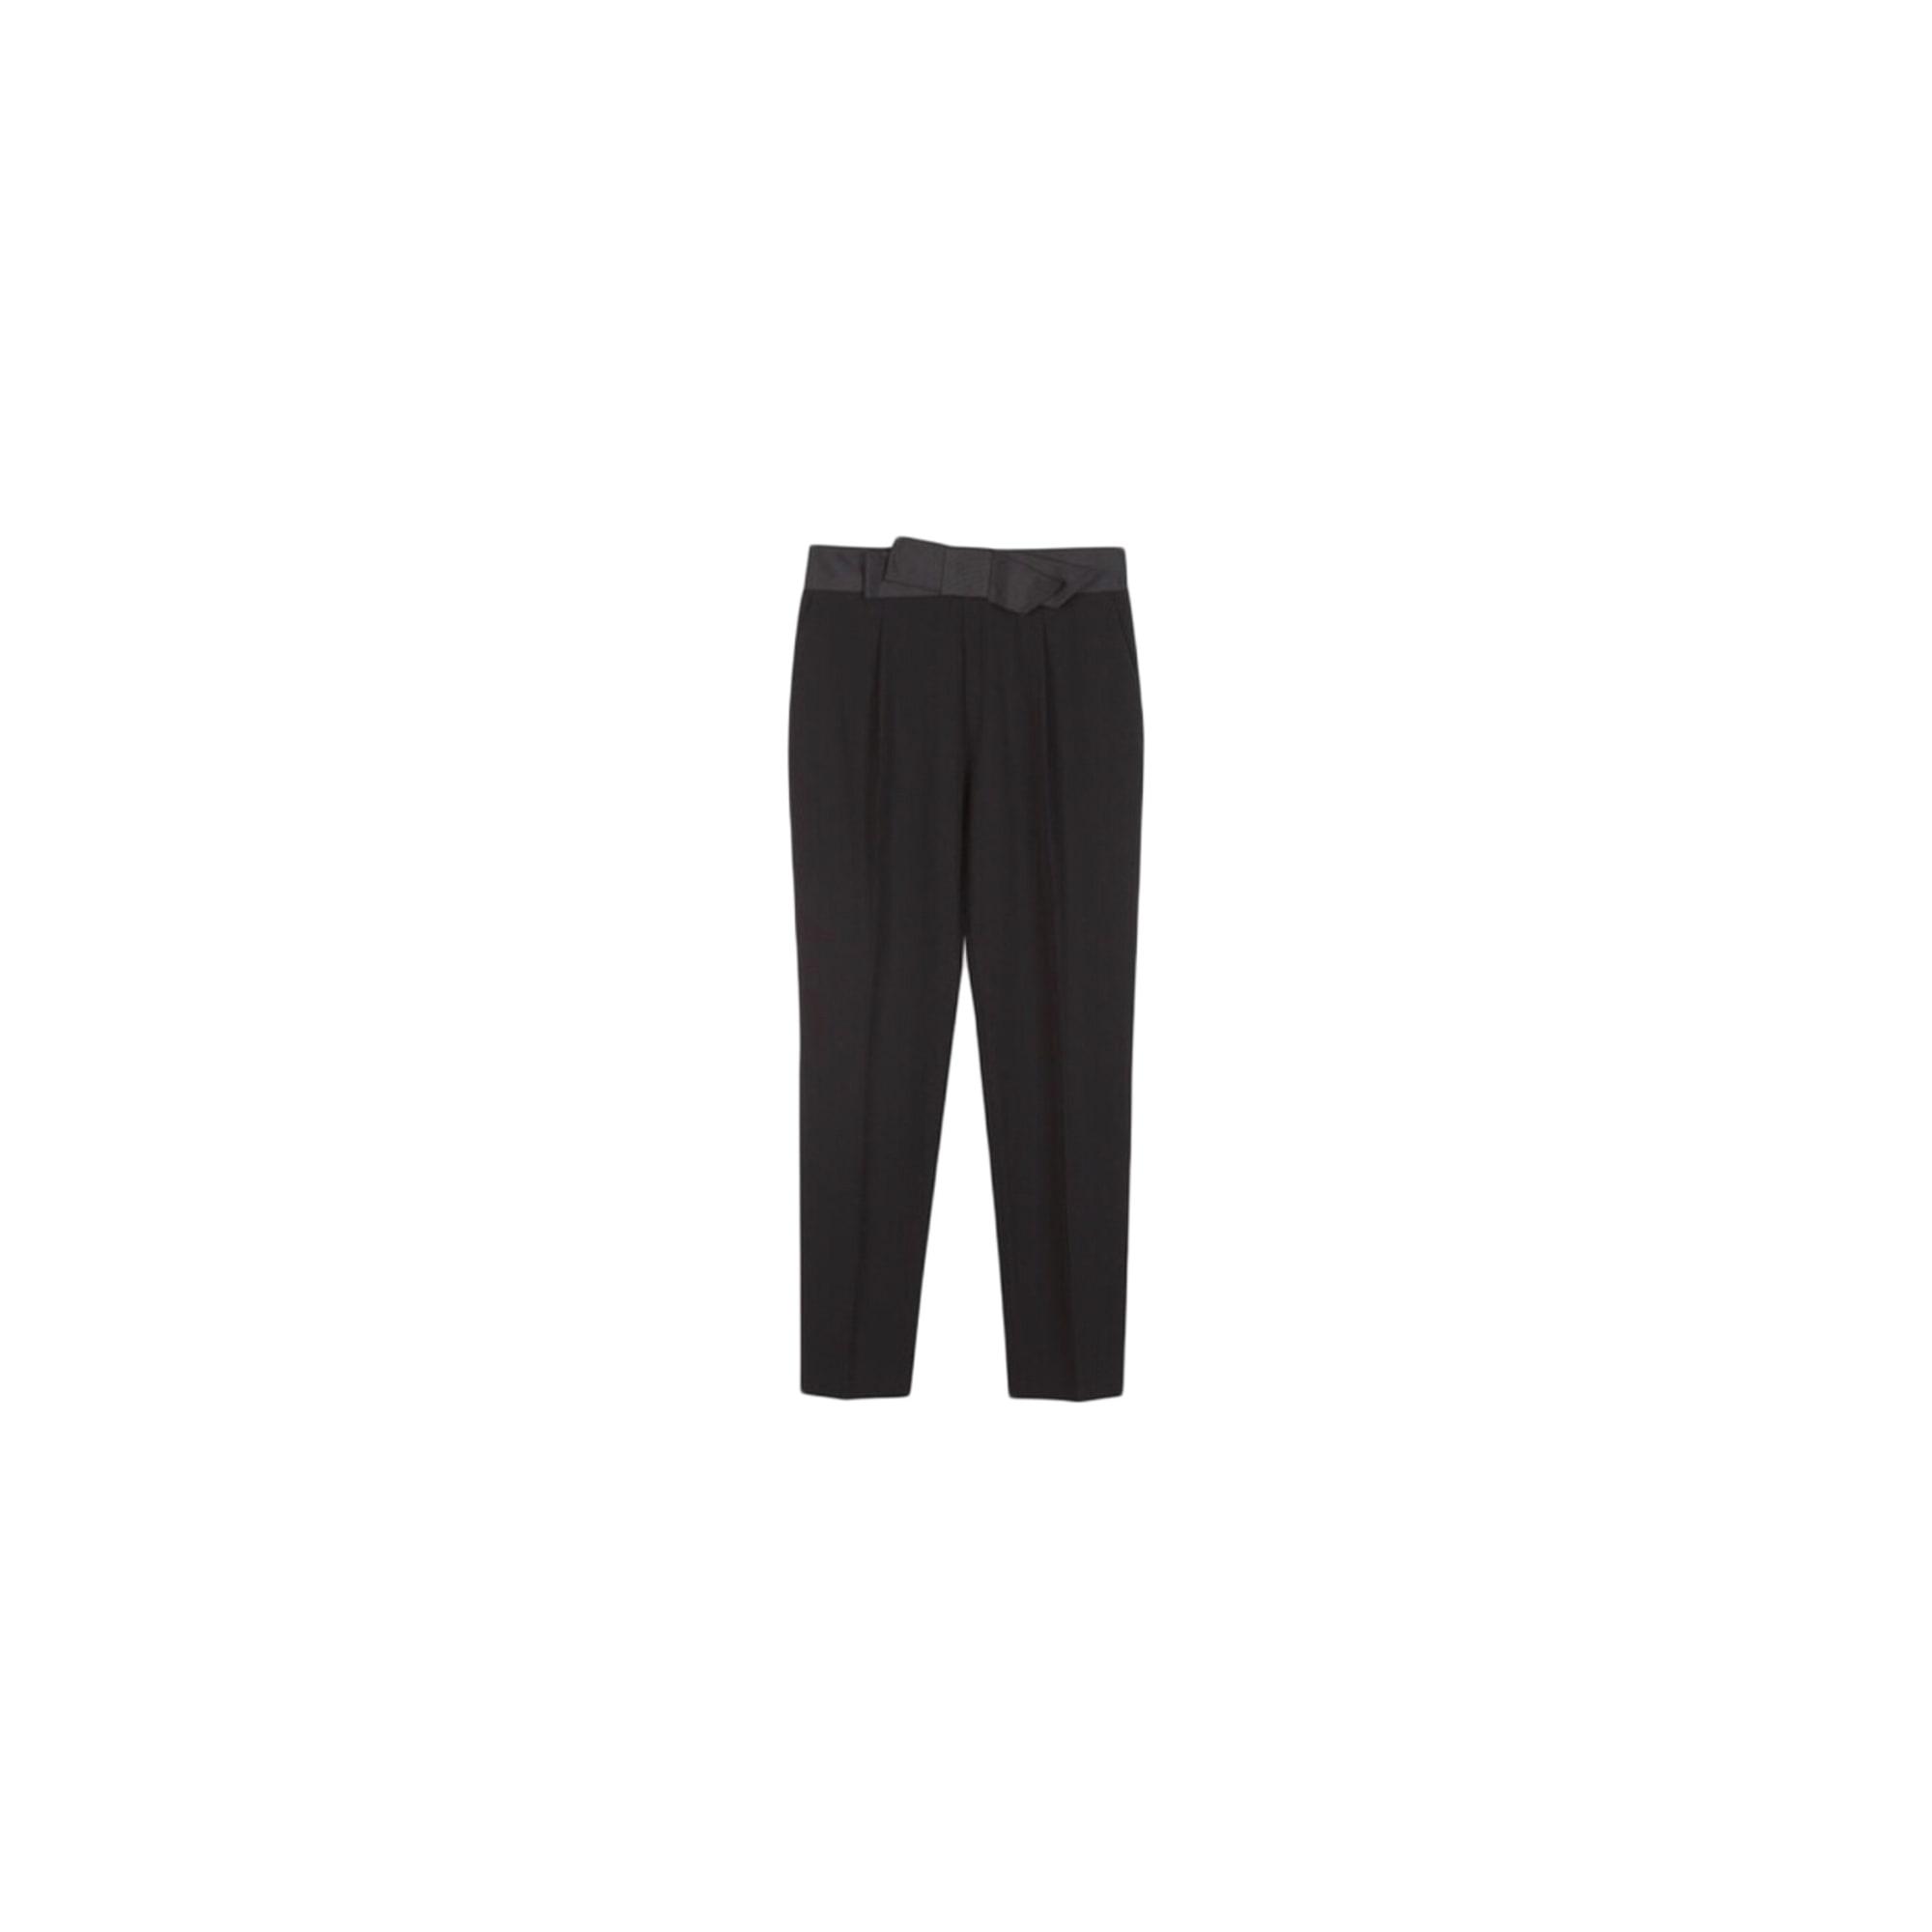 Pantalon slim, cigarette CLAUDIE PIERLOT Noir